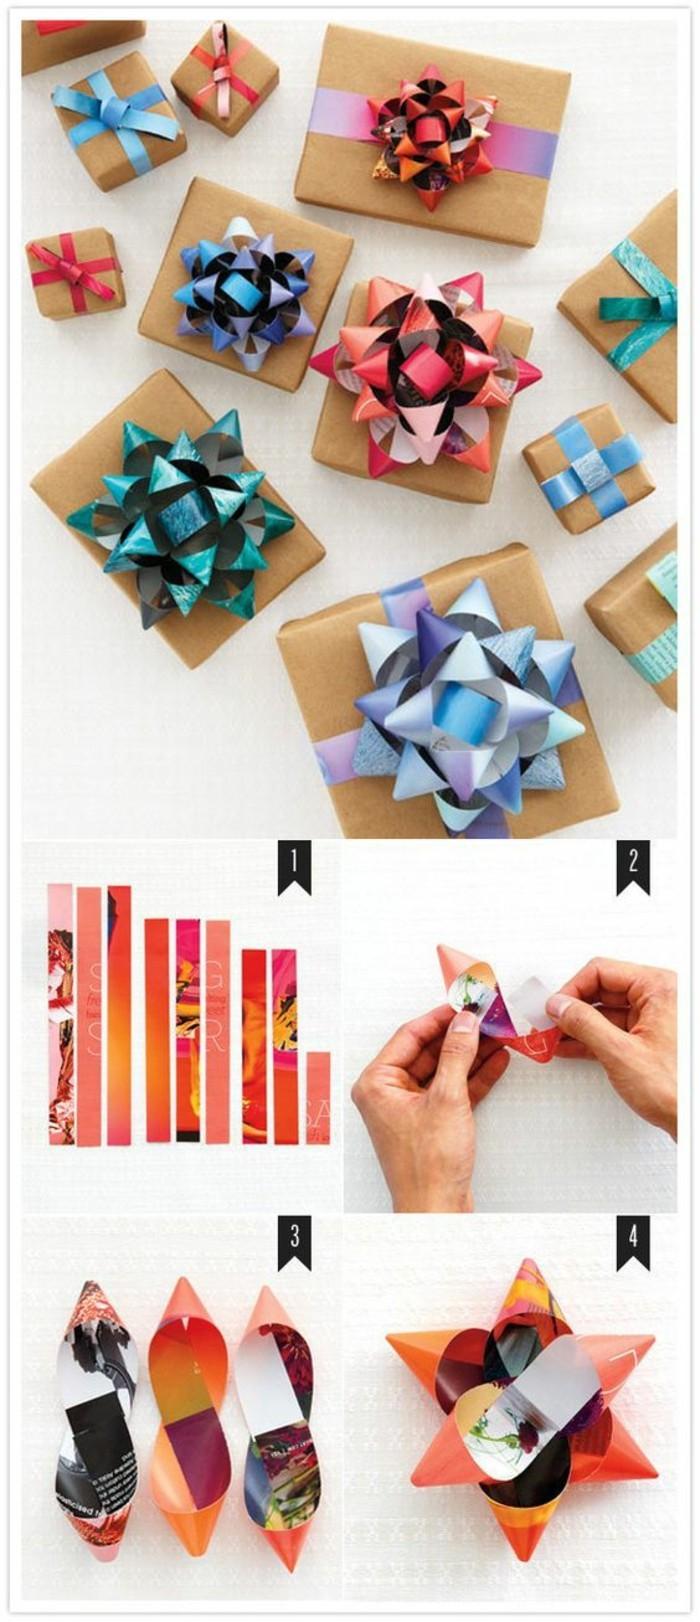 ideas para regalar en Navidad originales en imagines, embalaje DIY para regalos navideños